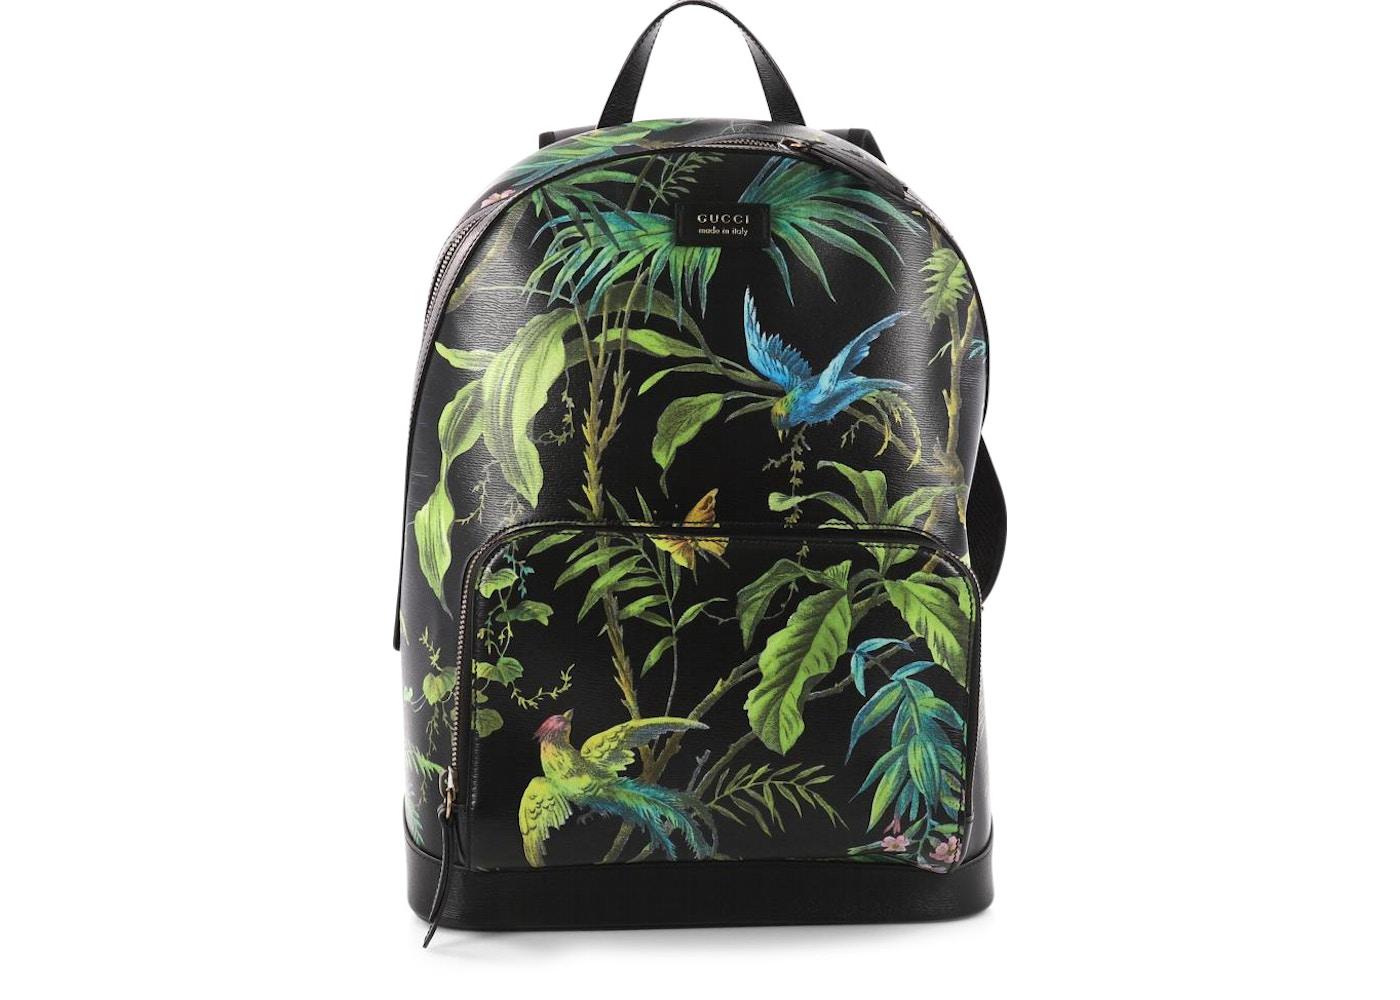 6b45281dde5d Gucci Backpack Tropical Medium Black. Tropical Medium Black